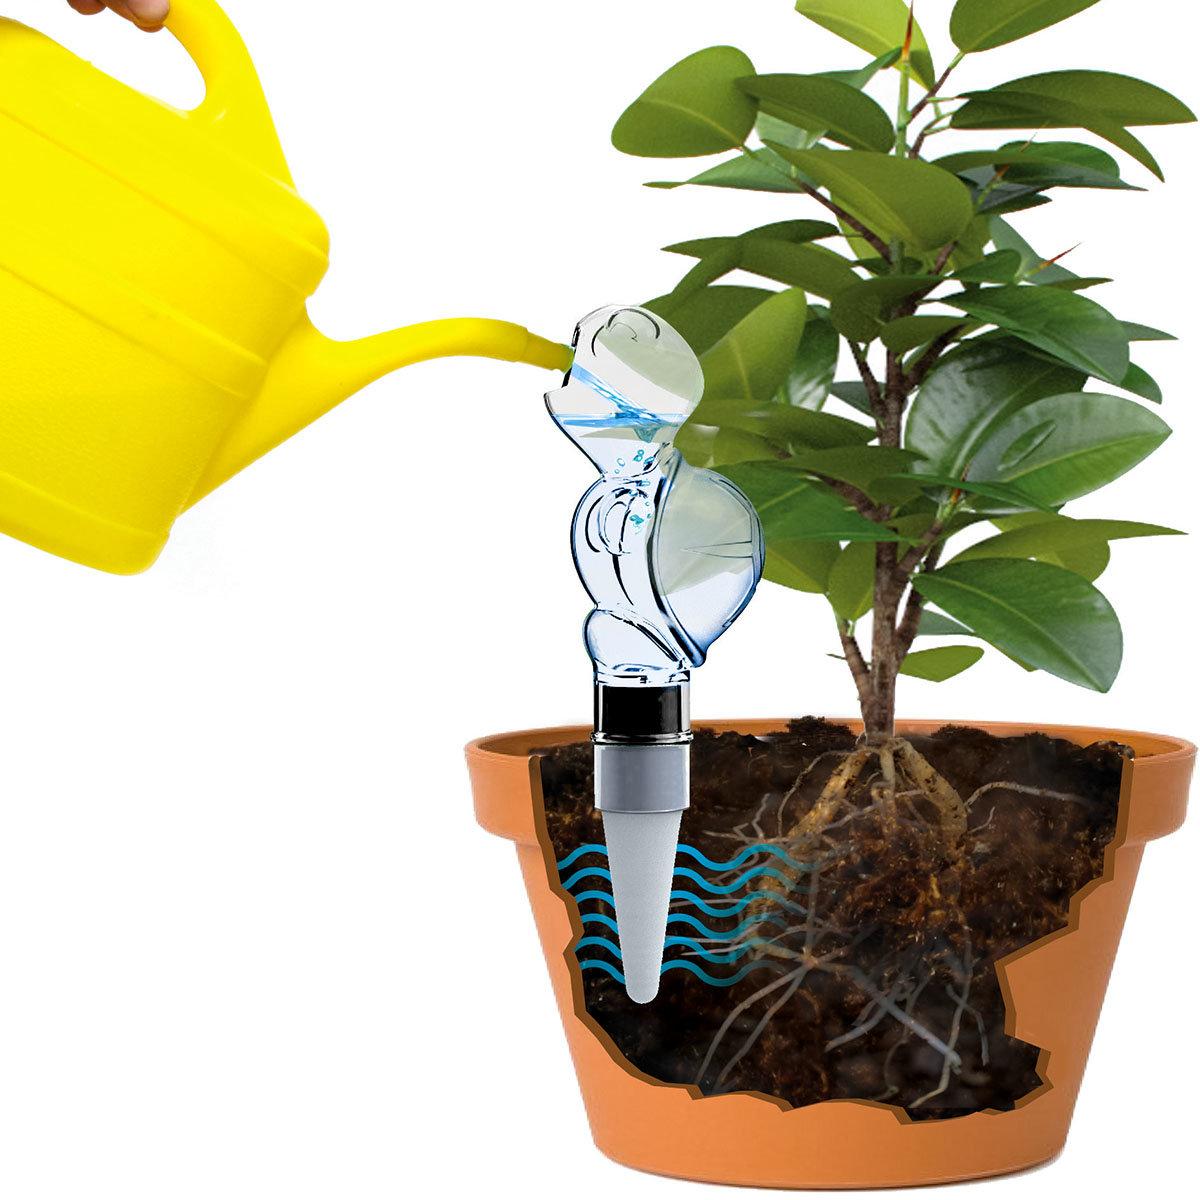 Bewässerungs-Schildkröte Paula Panza | #2